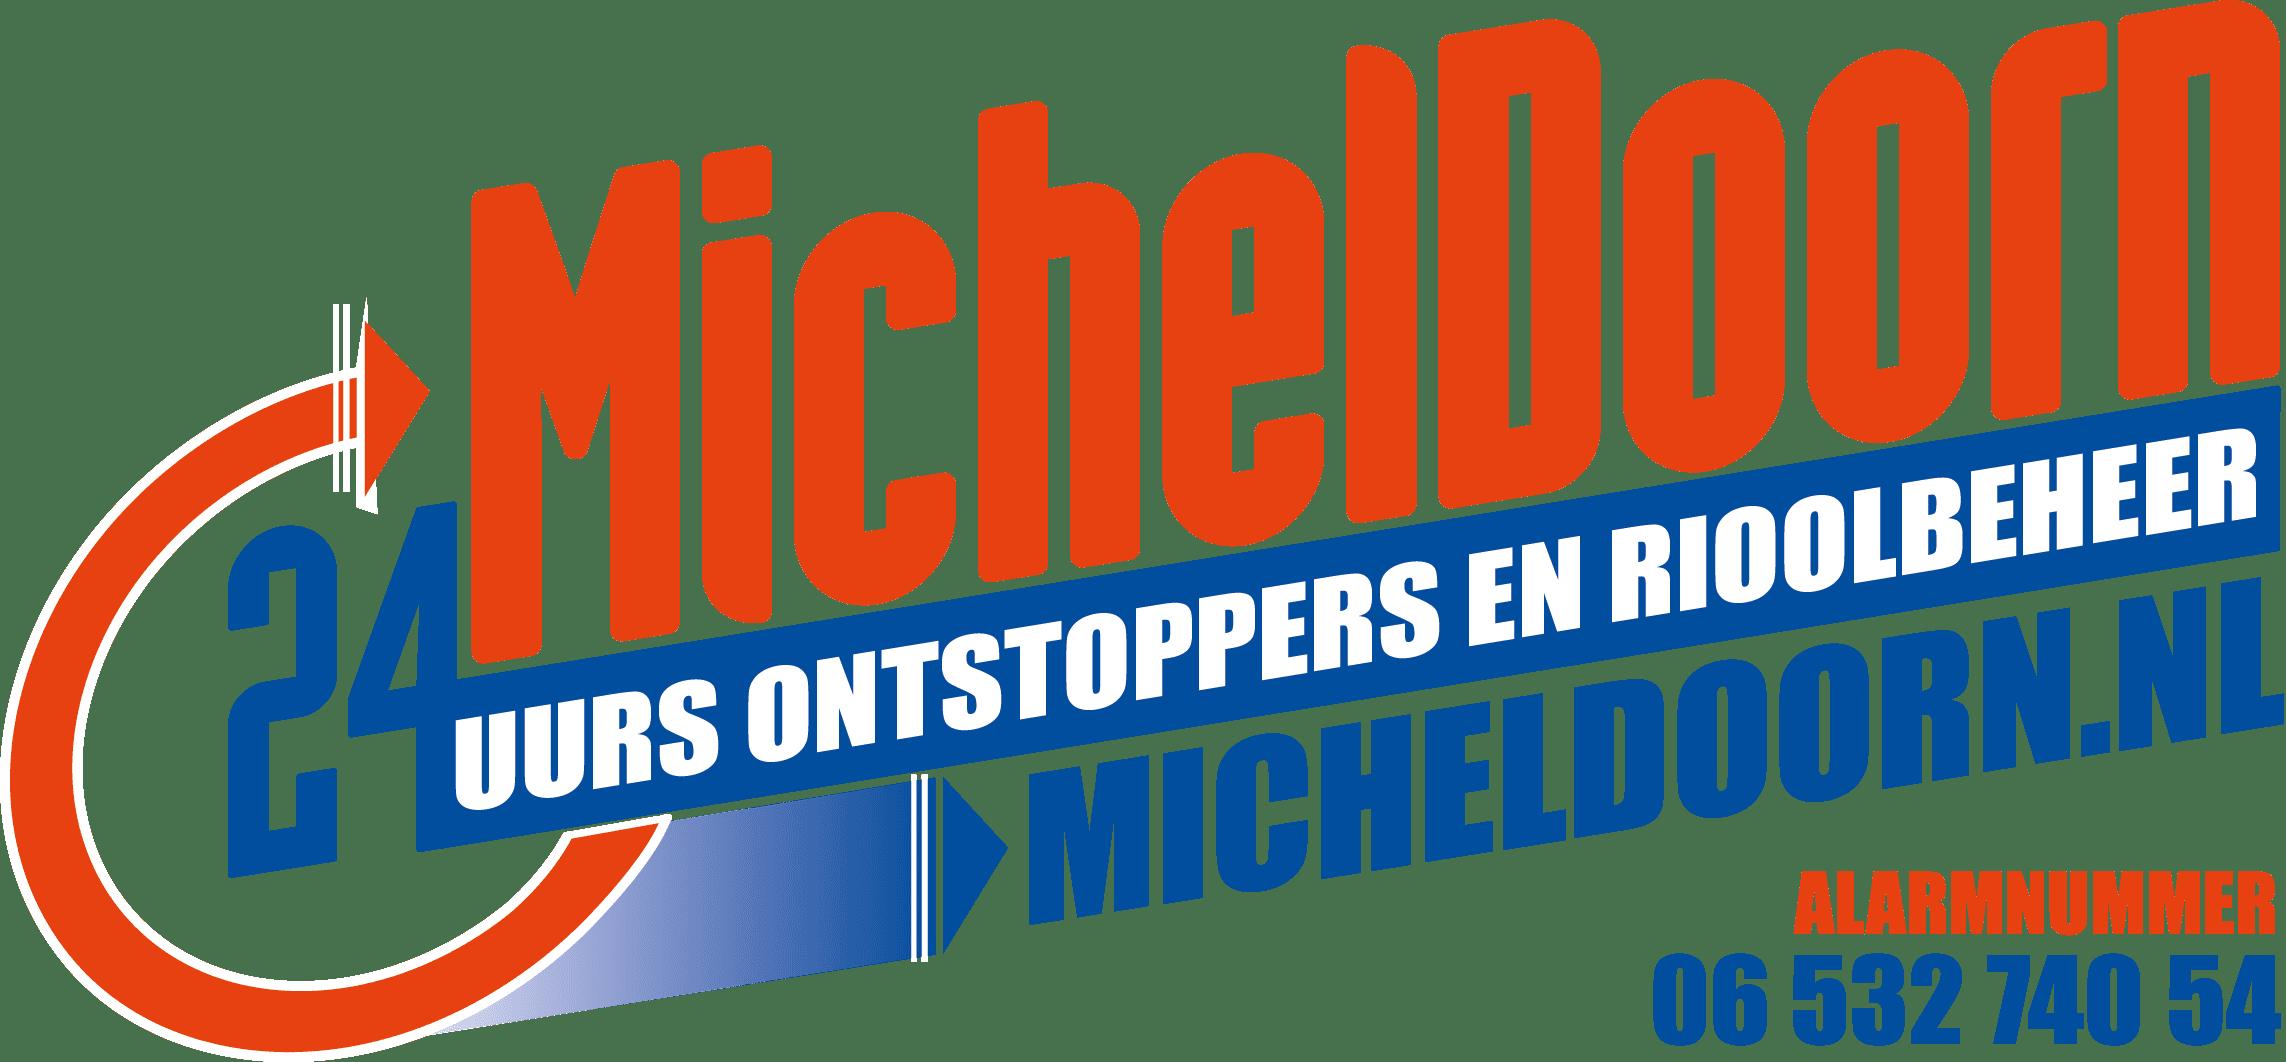 MichelDoorn : Brand Short Description Type Here.